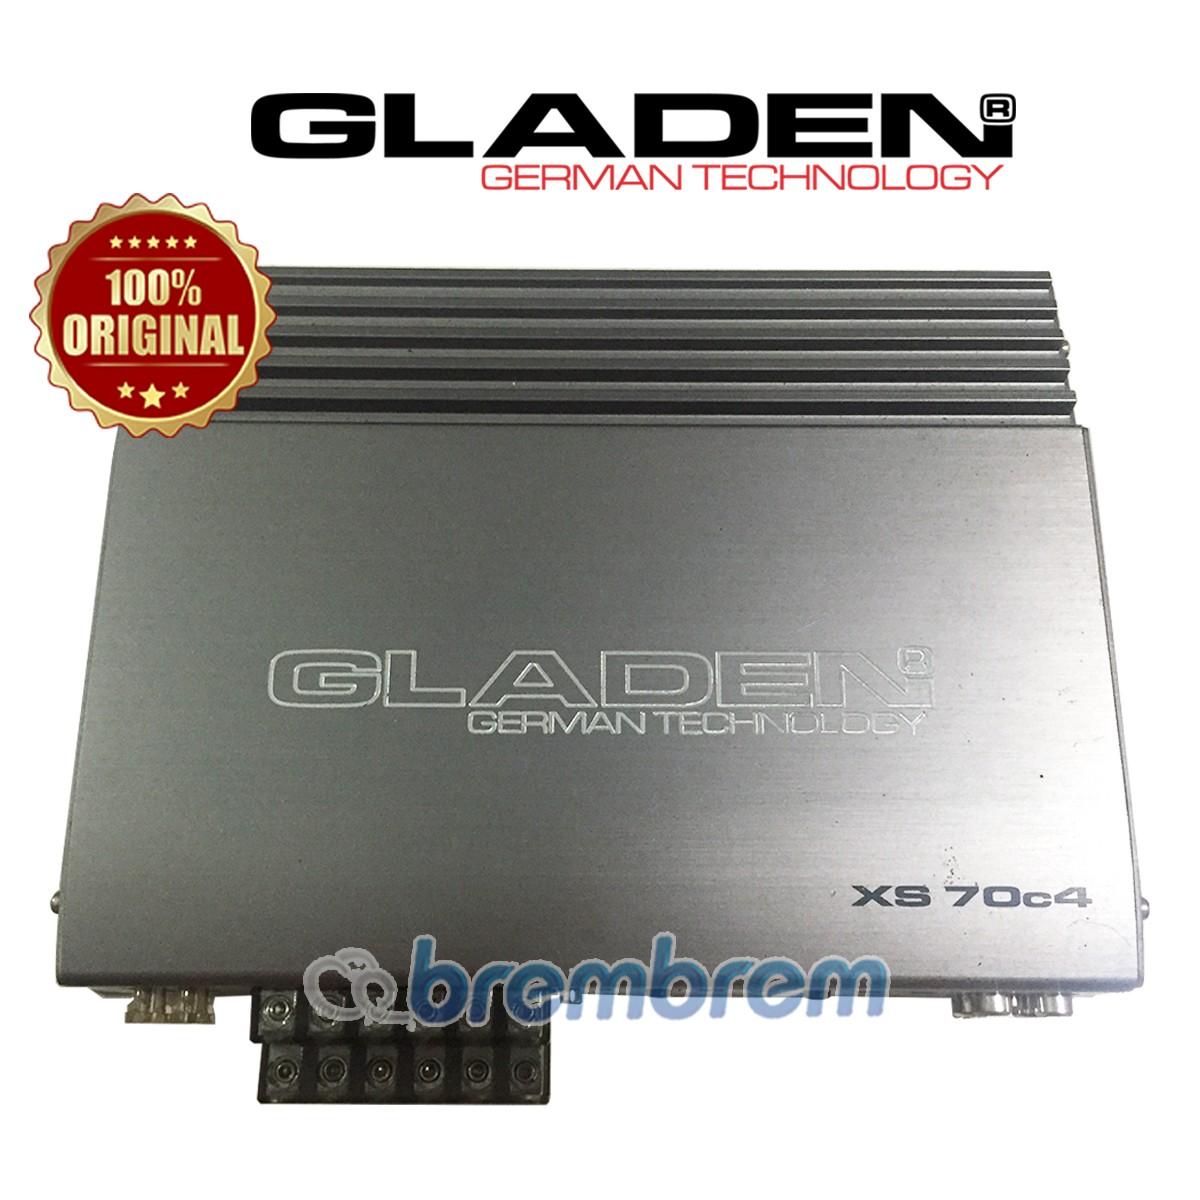 GLADEN XS70C4 - POWER 4 CHANNEL